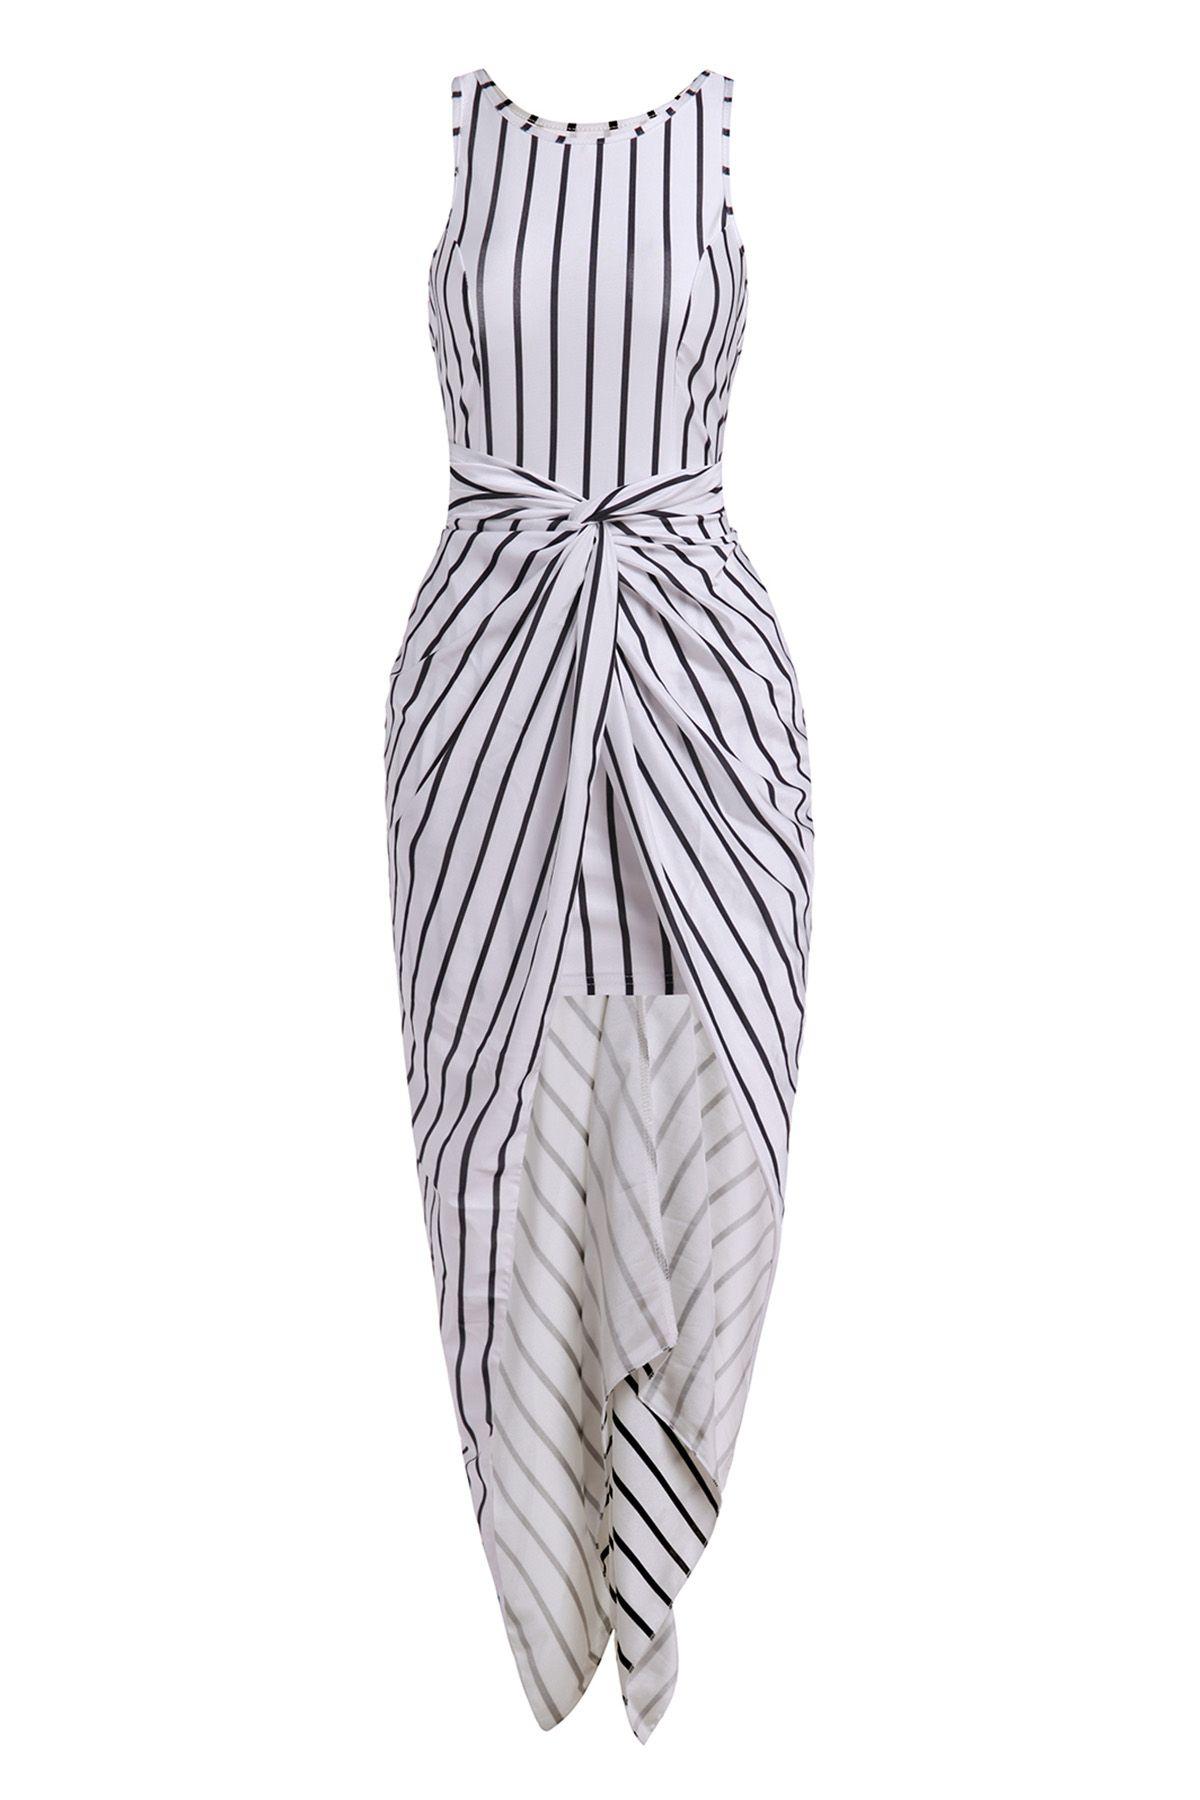 Vertical Stripes Asymmetrical Racerback Maxi Dress White And Black Racerback Maxi Dress Vertical Striped Dress White Maxi Dresses Online [ 1800 x 1200 Pixel ]